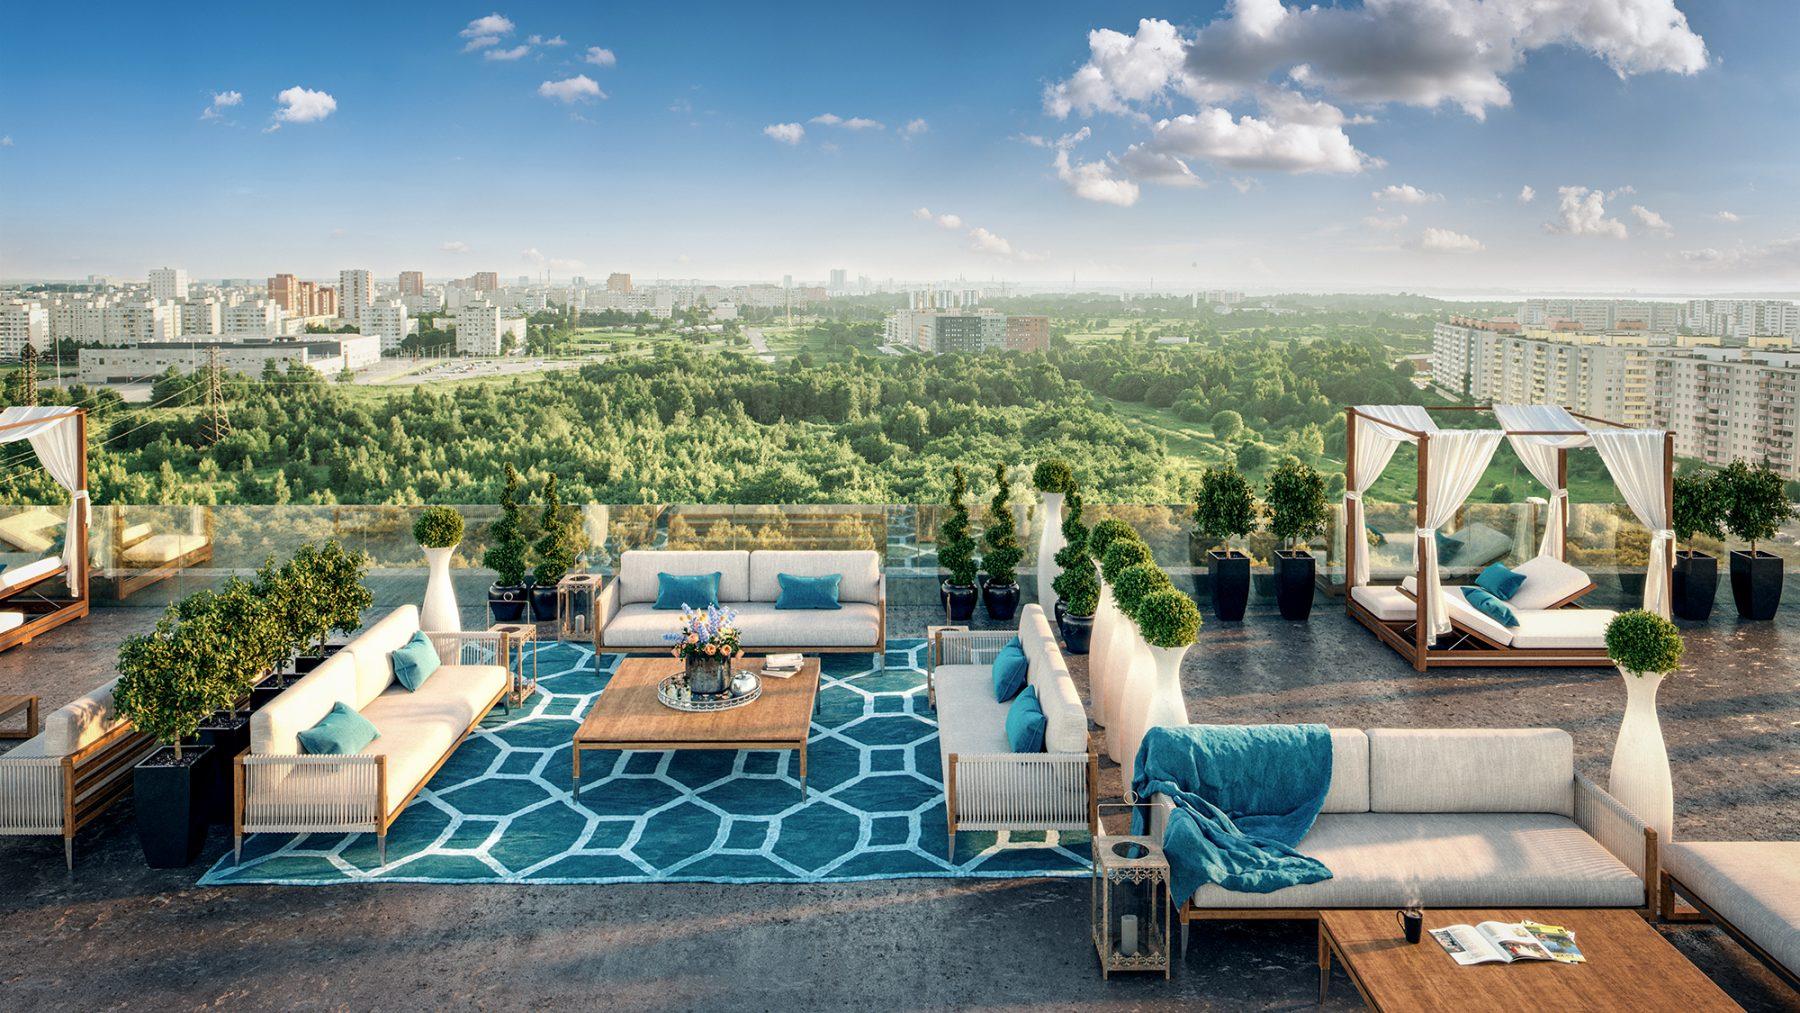 Pressiteade: Endover Kinnisvara ehitab Lasnamäele 300 korteriga linnaku mõõtu elamu